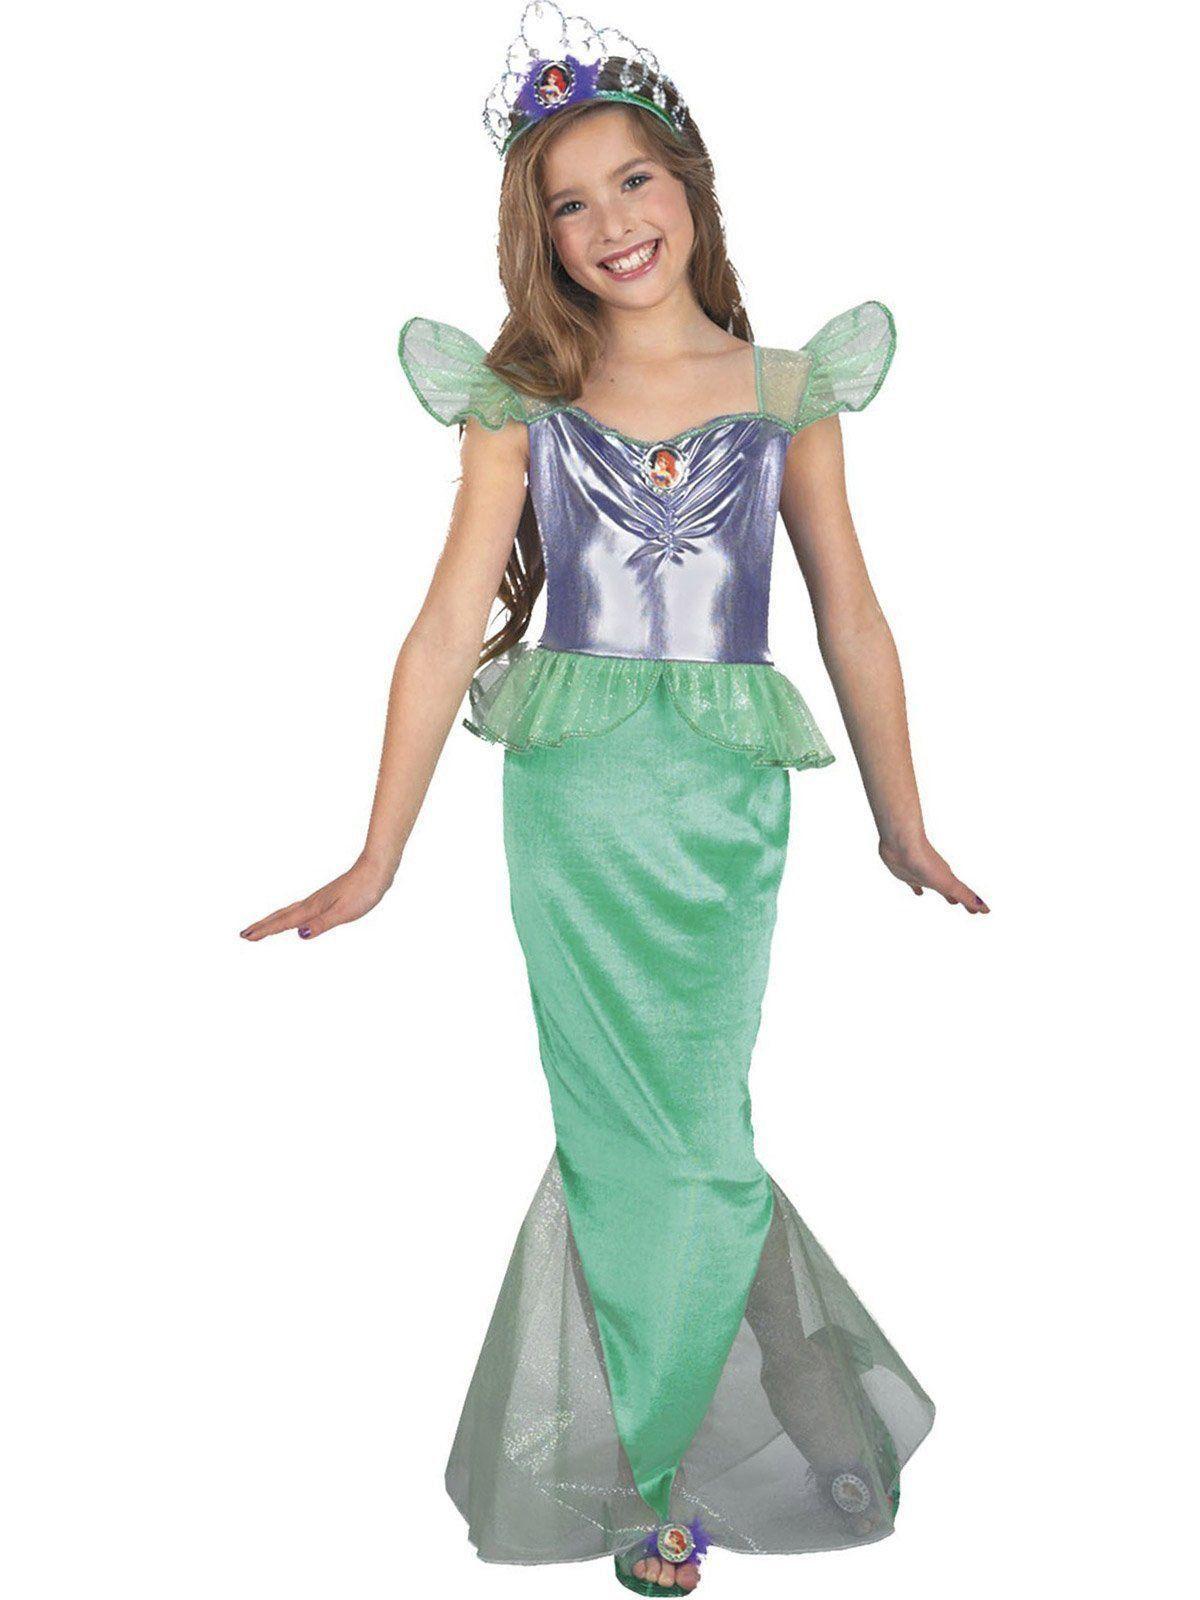 Fantasia Infantil Feminino Pequena Sereia (Longo): Disney (Apenas Venda Online)